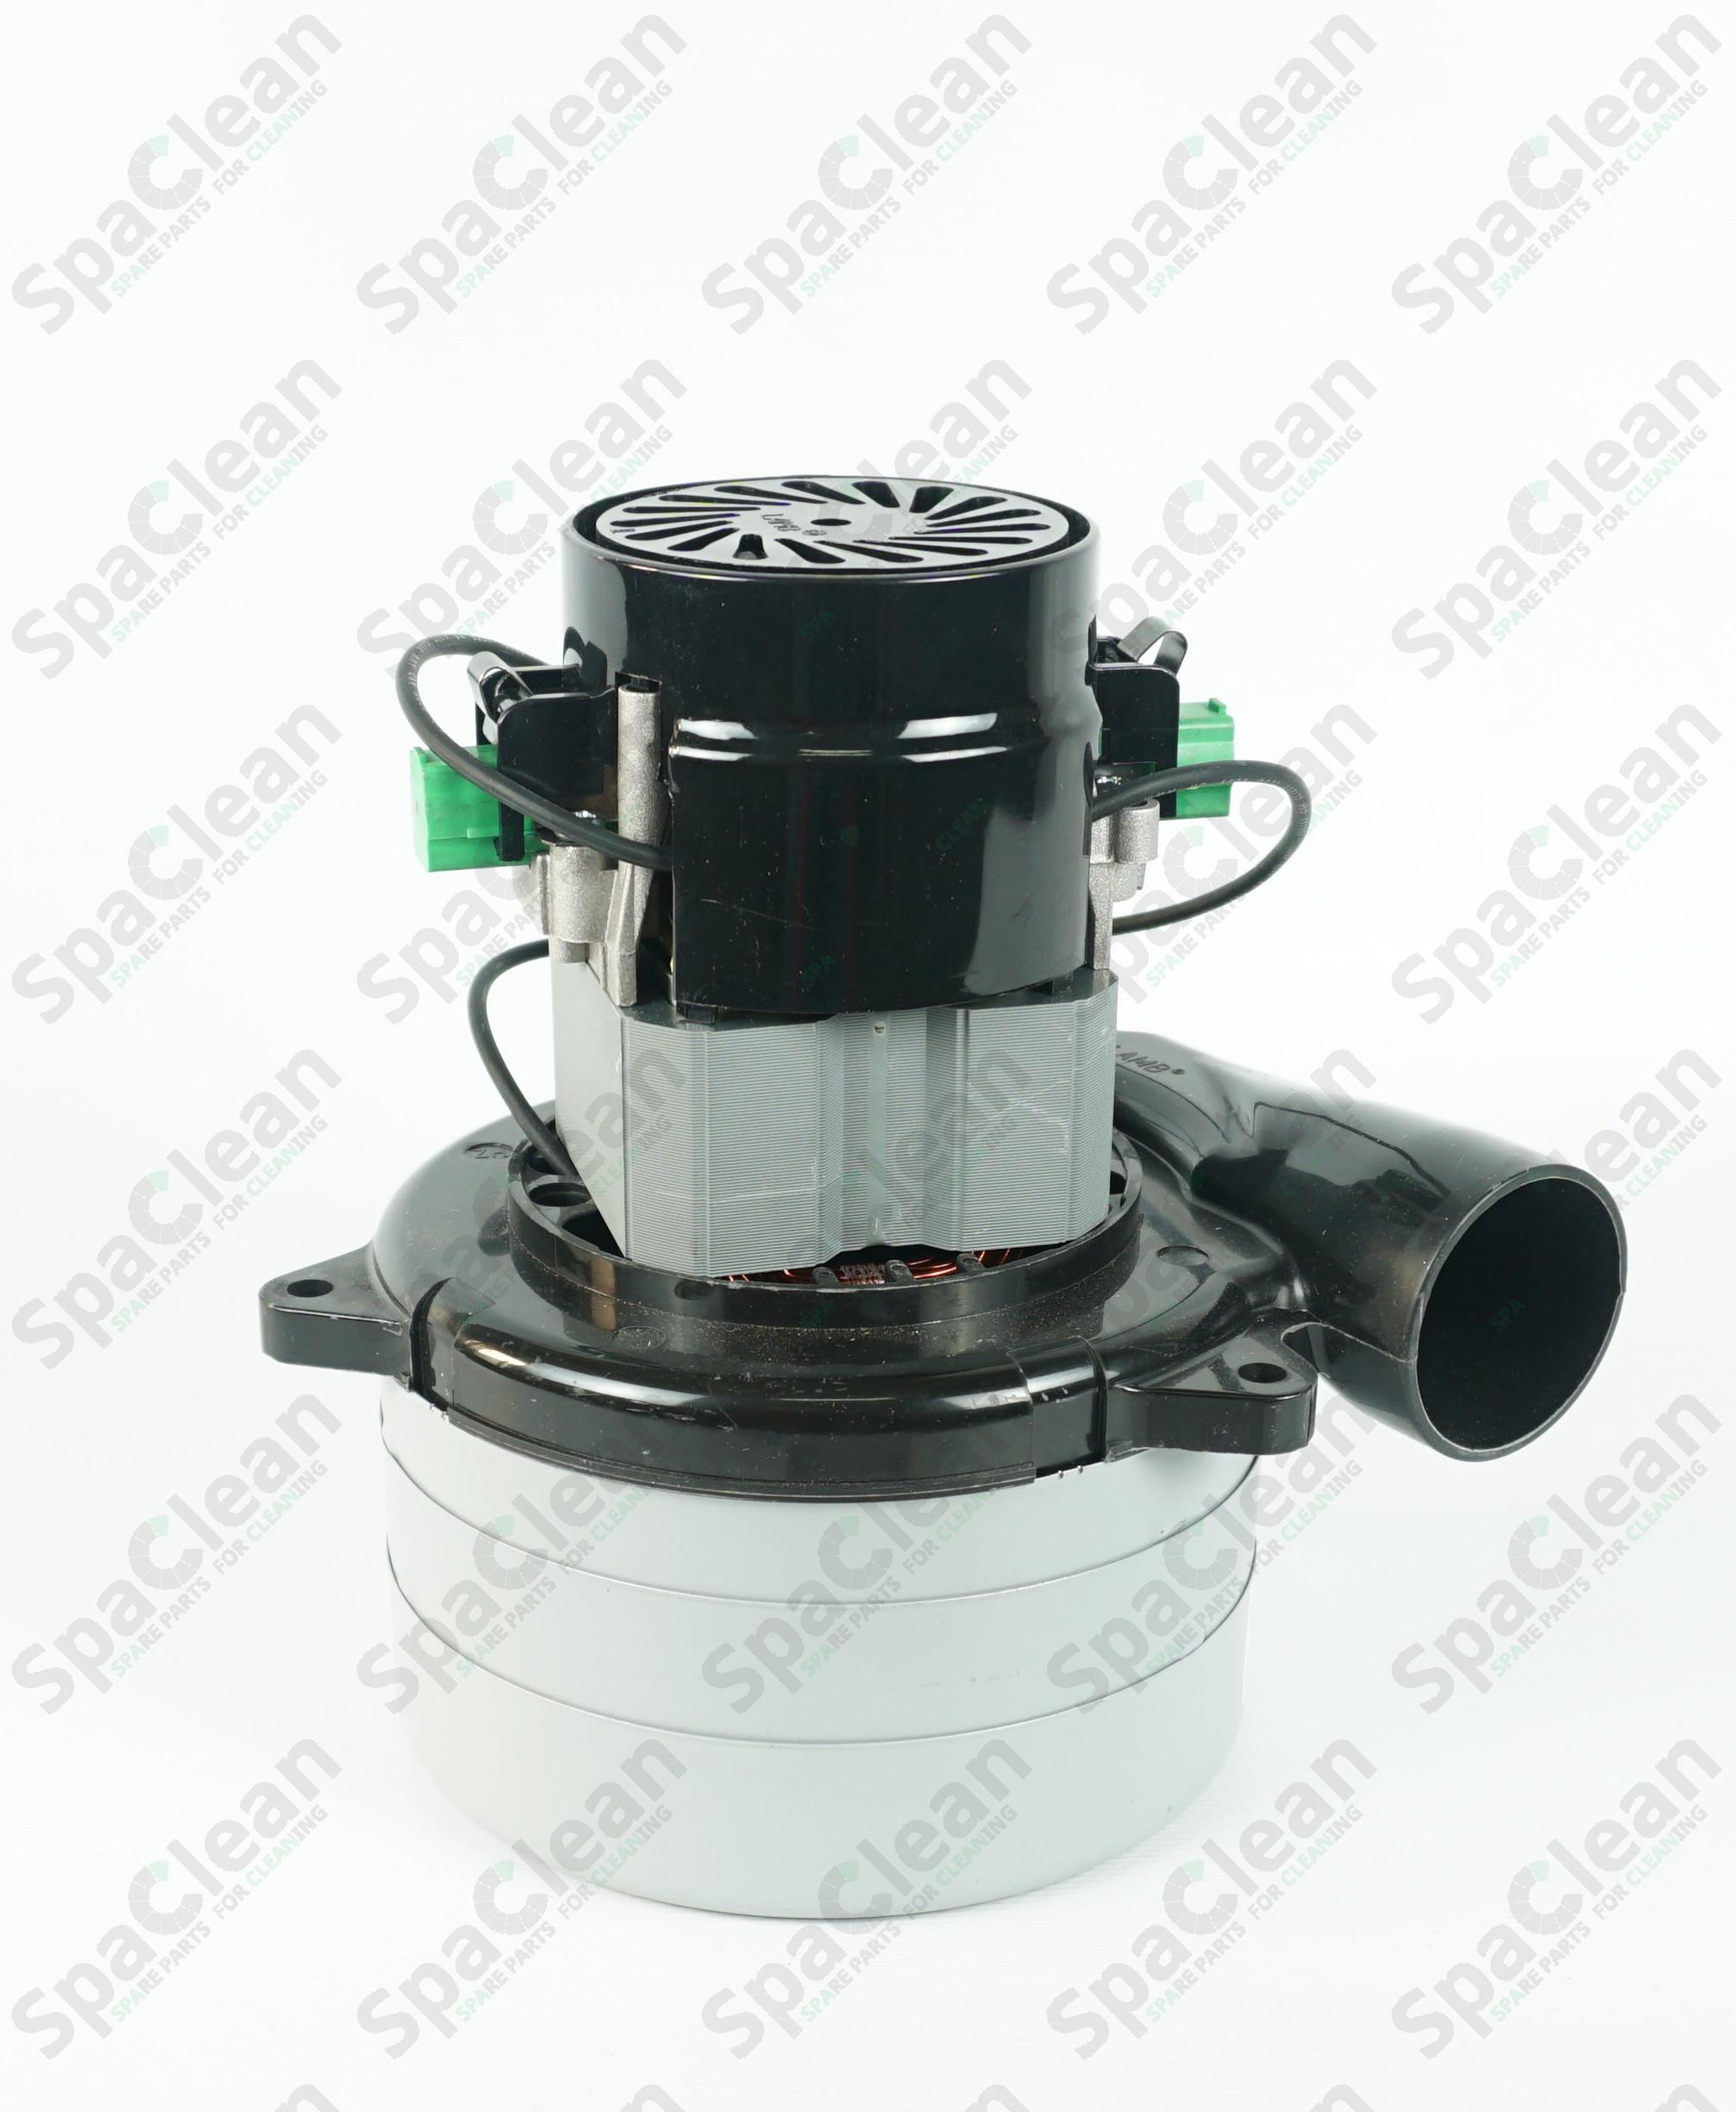 Вакуумный мотор 36V 550W Трехстадийный для Fimap Magna 100S